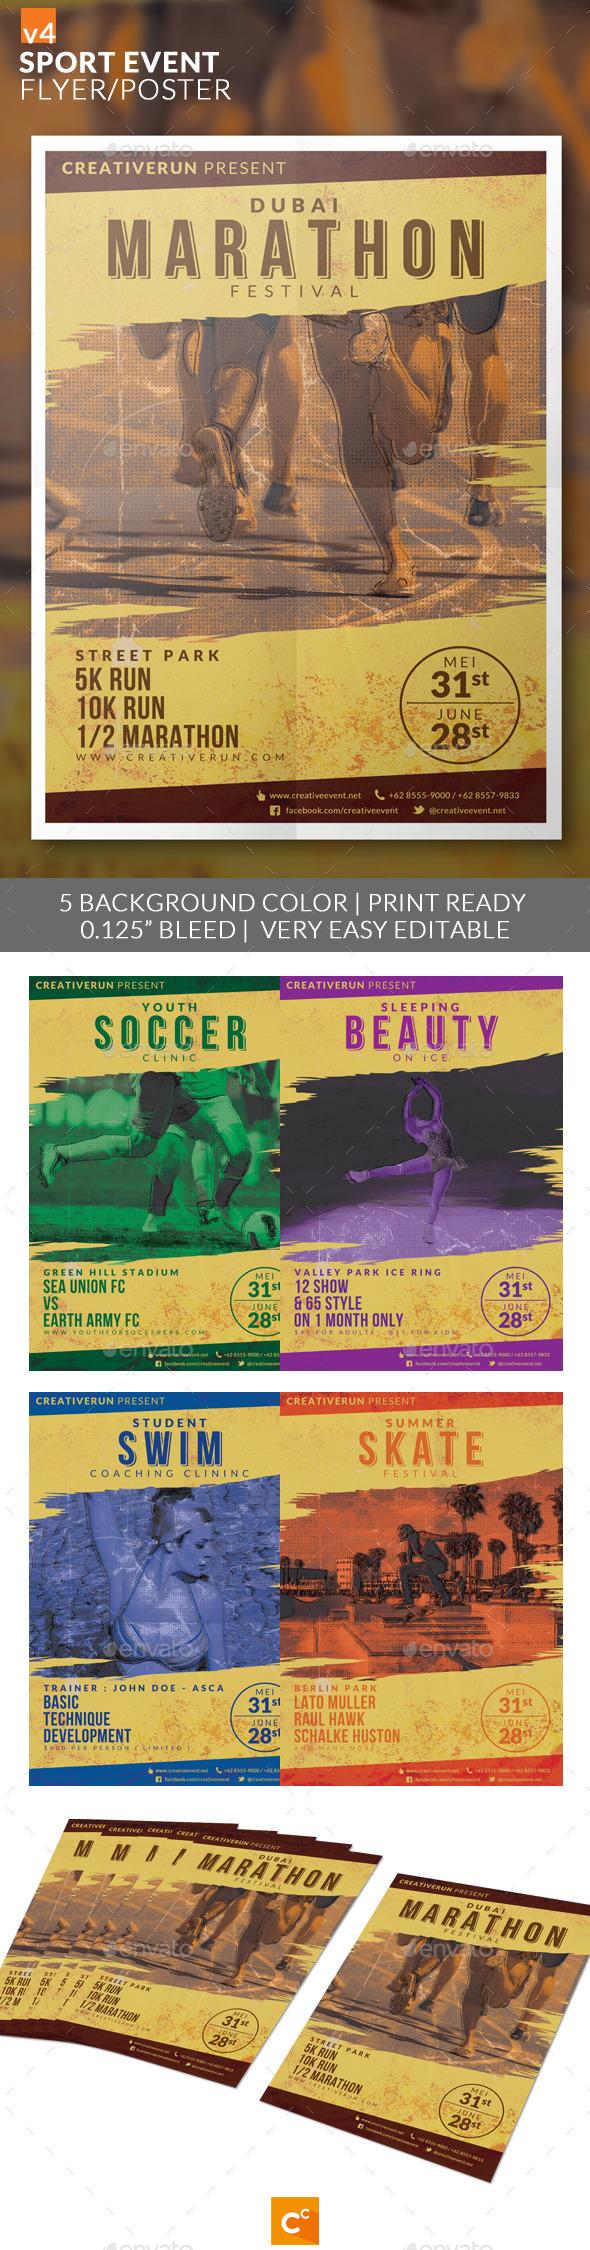 GraphicRiver Sport Event Flyer Poster v4 11202959